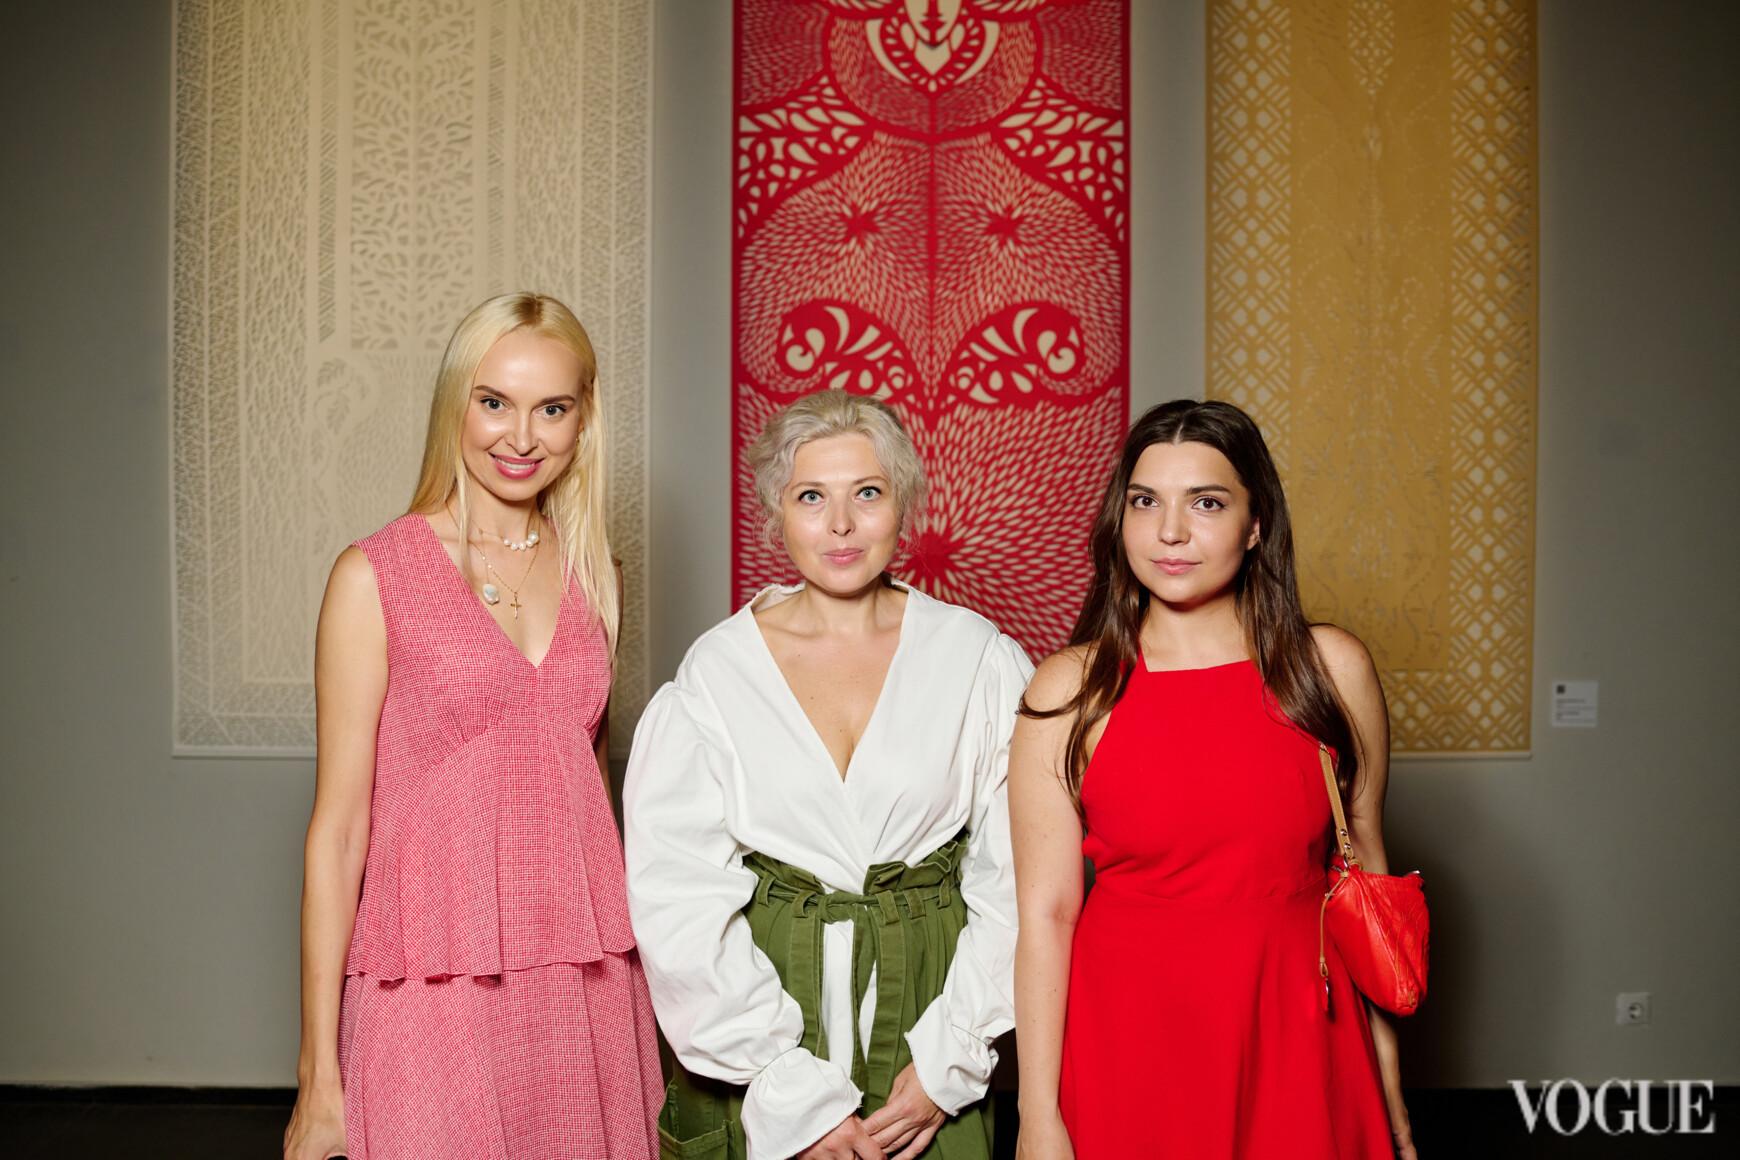 Наталья Шпитковская, Дарья Алешкина и Светлана Старостенко